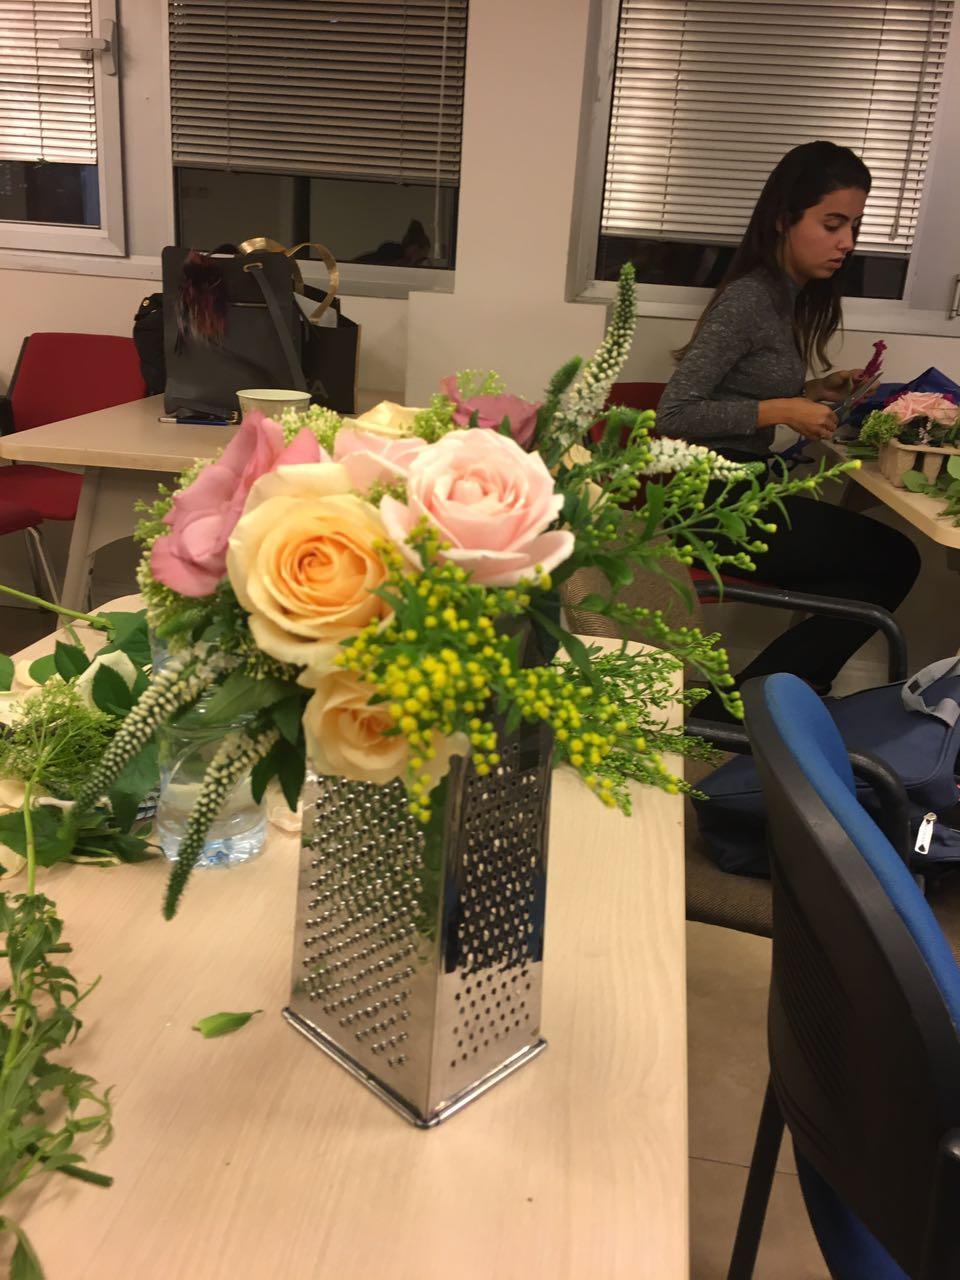 גלרייה - שזירת פרחים - קורס עיצוב ניהול והפקת אירועים מחזור 15, 20 מתוך 22